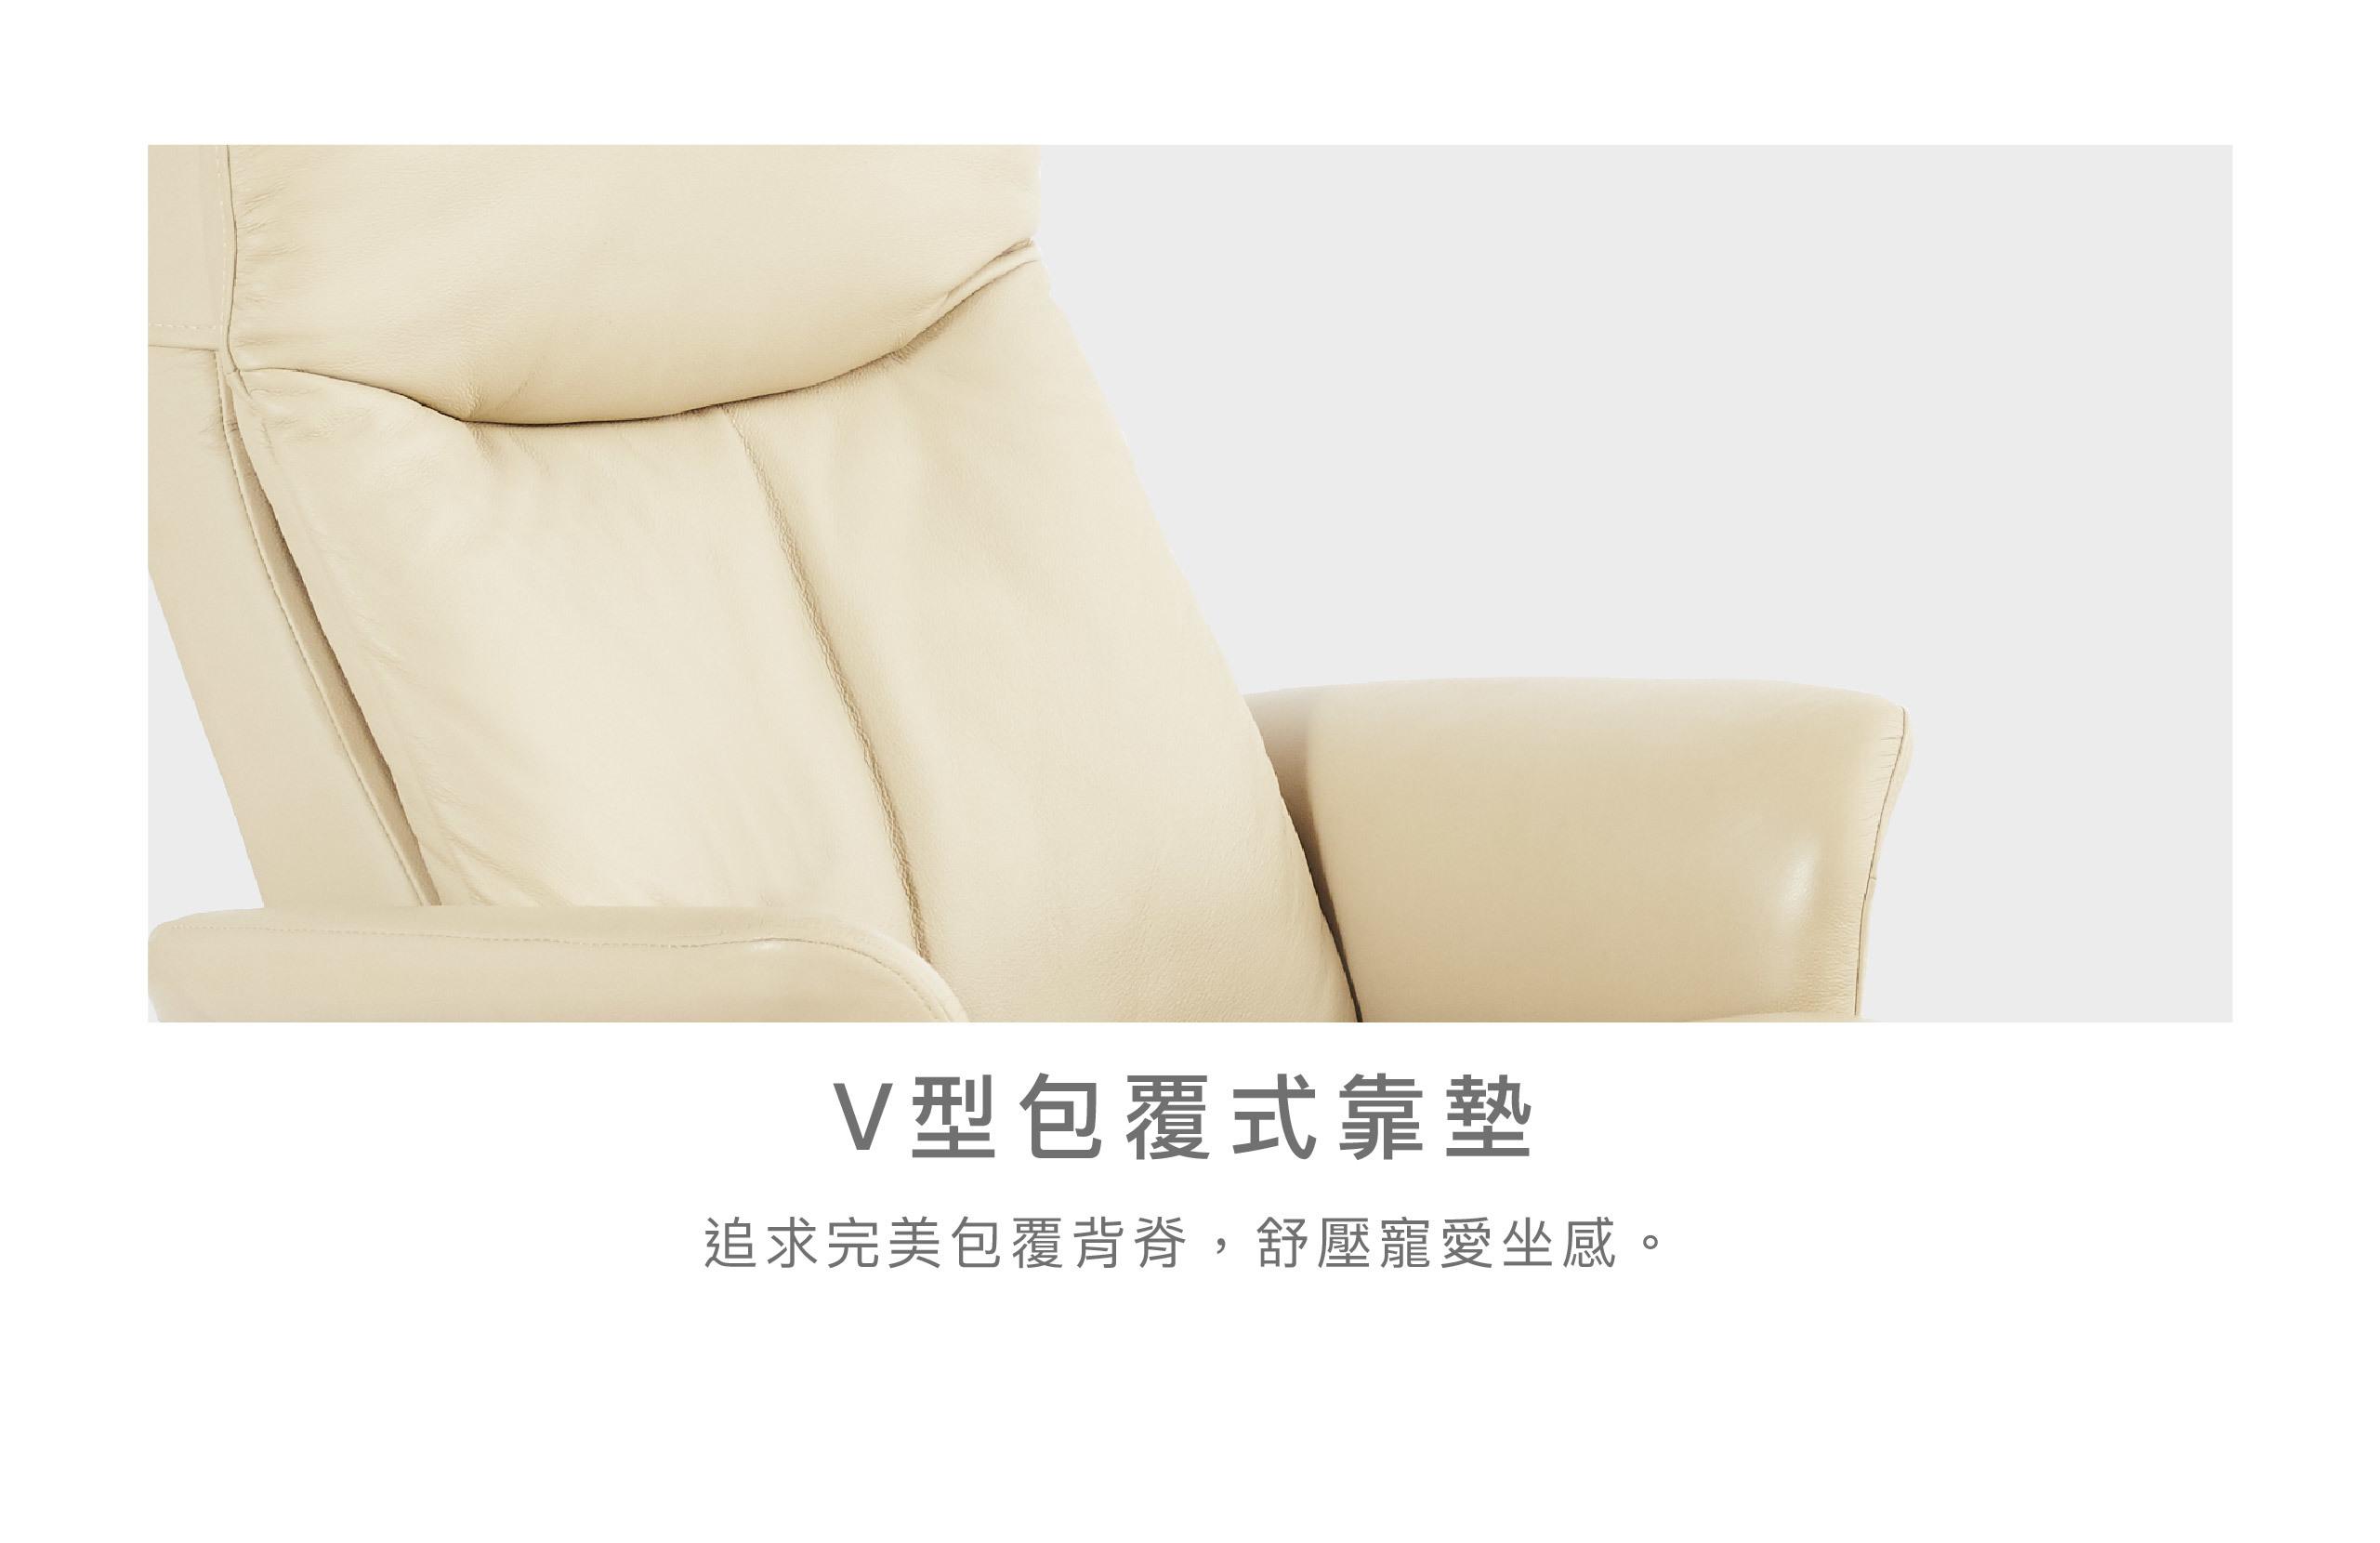 全能休閒椅 lounge chair Leone 睡眠王國集團